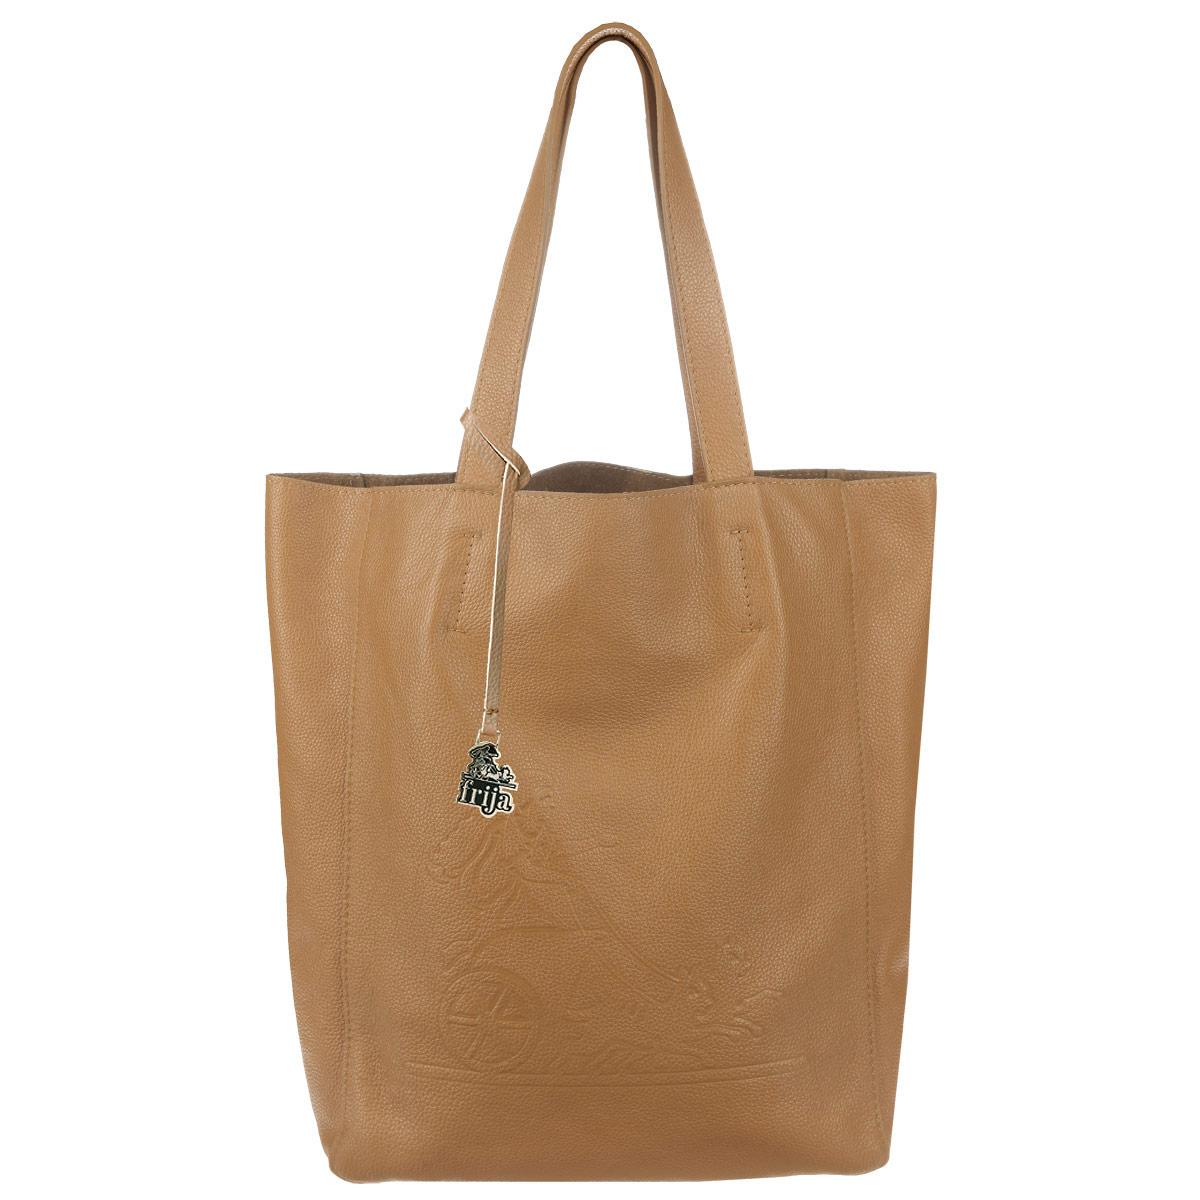 Сумка женская Frija, цвет: светло-коричневый. 21-0200-1321-0200-13Стильная и удобная женская сумка Frija выполнена из мягкой натуральной кожи с фактурной поверхностью. Лицевая сторона изделия оформлена оригинальным тиснением в виде логотипа бренда. Сумка имеет одно вместительное отделение, дополненное накладным карманом на застежке-молнии. Изюминка модели - текстильный вкладыш в главном отделении, который крепится к корпусу сумки при помощи кнопок, закрывается на удобную застежку-молнию. Внутри вкладыша - врезной карман на застежке-молнии. Сумка оснащена двумя удобными ручками, позволяющими носить её на плече. Изделие упаковано в фирменный чехол. Сумка Frija - это стильный аксессуар, который подчеркнет вашу изысканность и индивидуальность и сделает ваш образ завершенным.